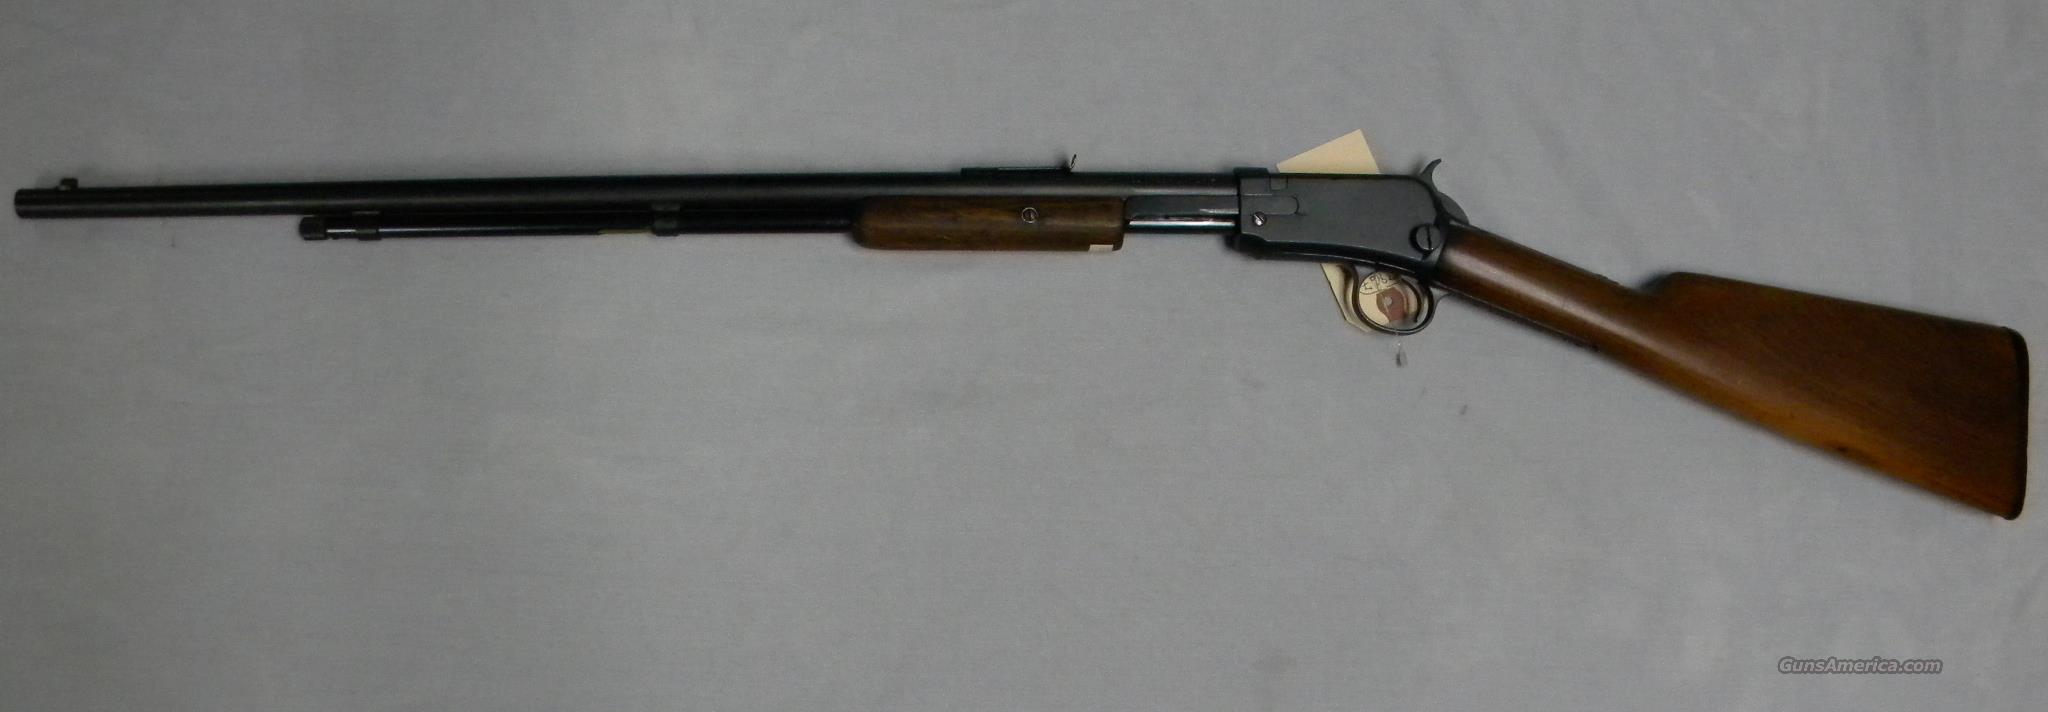 Winchester 62 Take-Down, .22 Pump Rifle  Guns > Rifles > Winchester Rifles - Modern Pump